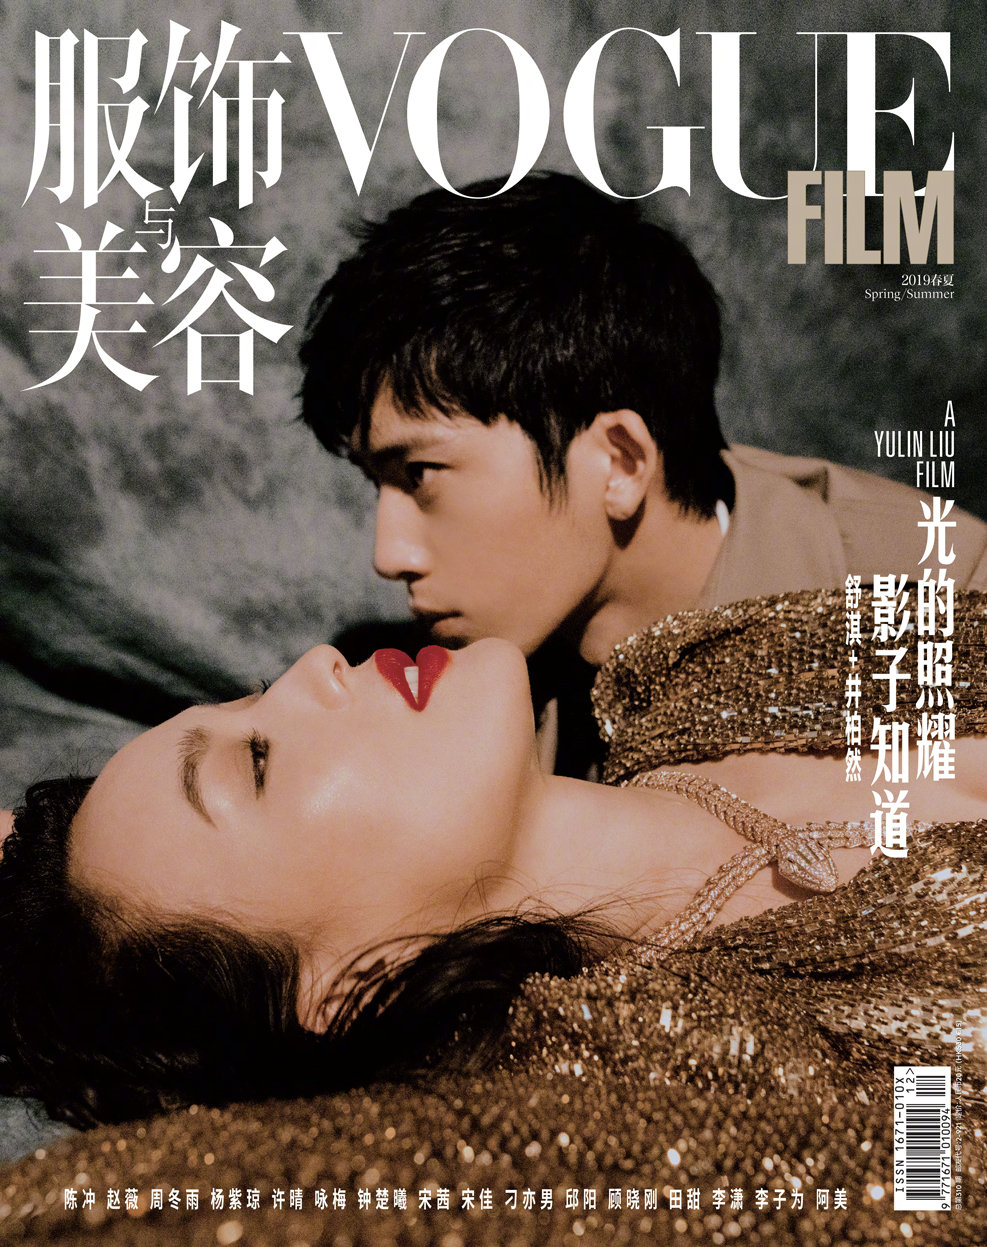 """舒淇、井柏然《Vogue Film》,主题""""光的照耀,影子知道""""。"""